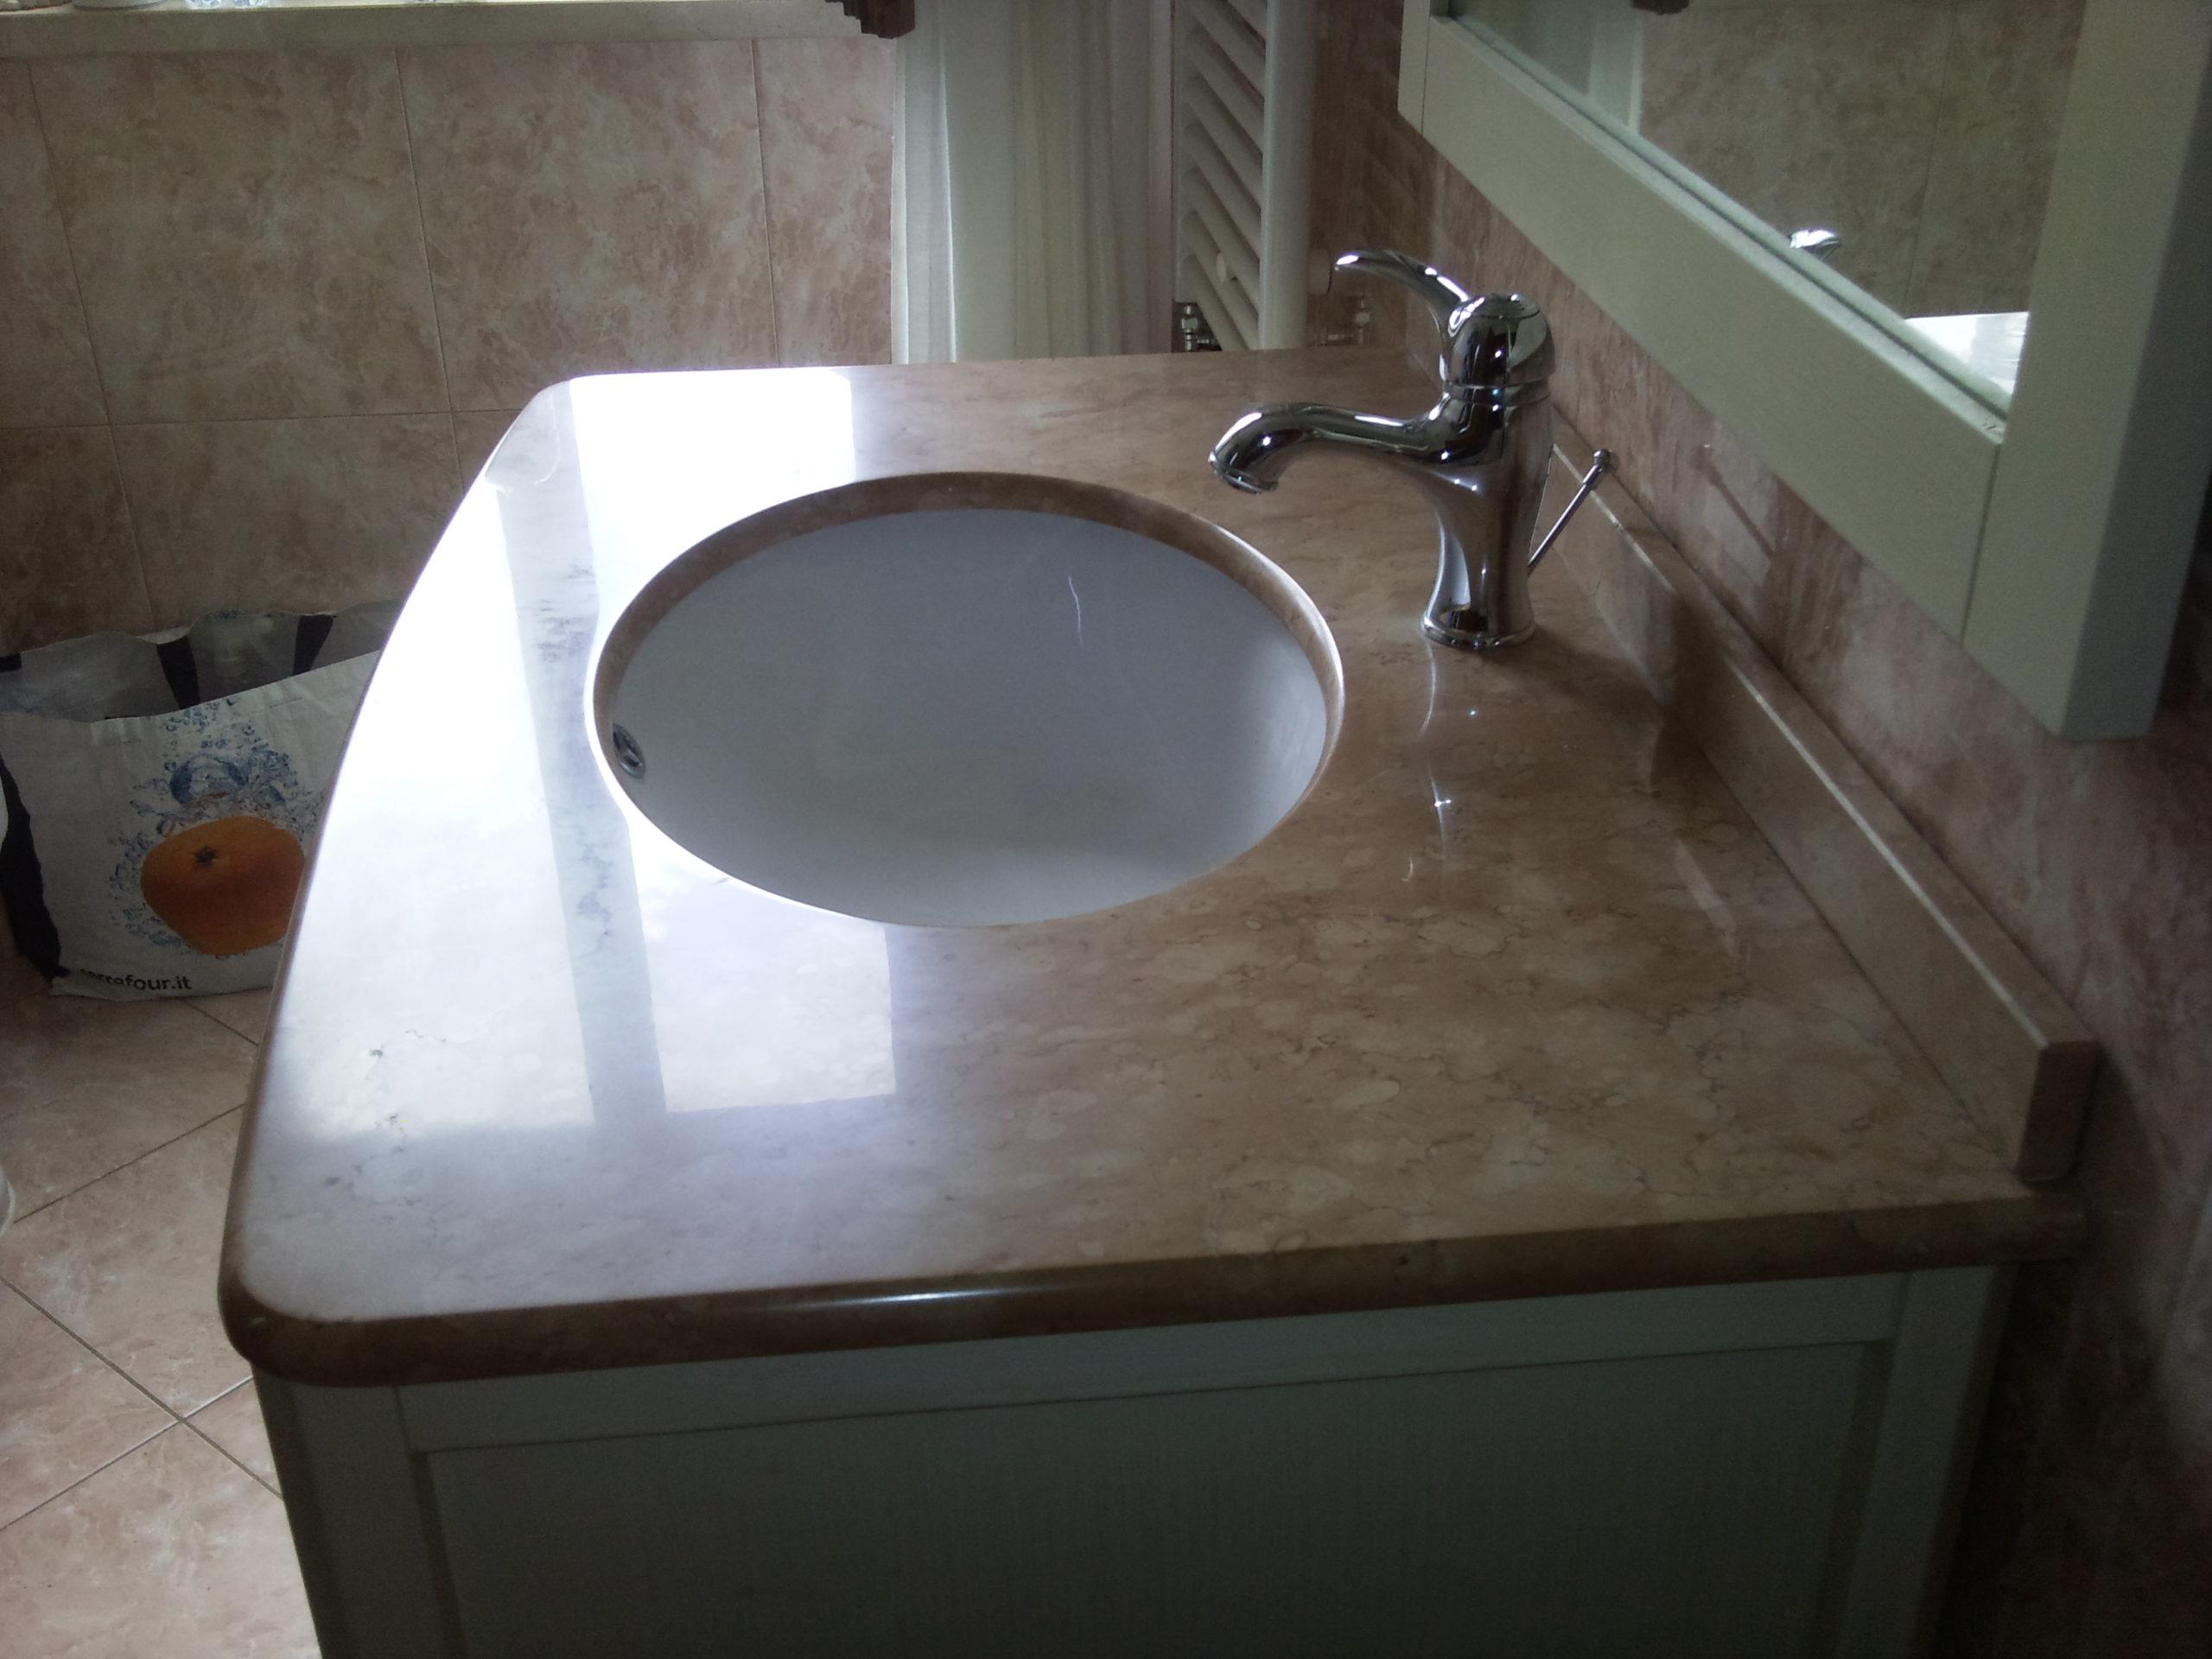 Lucidatura e cristallizzazione top bagno roma www.pulizieserviziroma.it